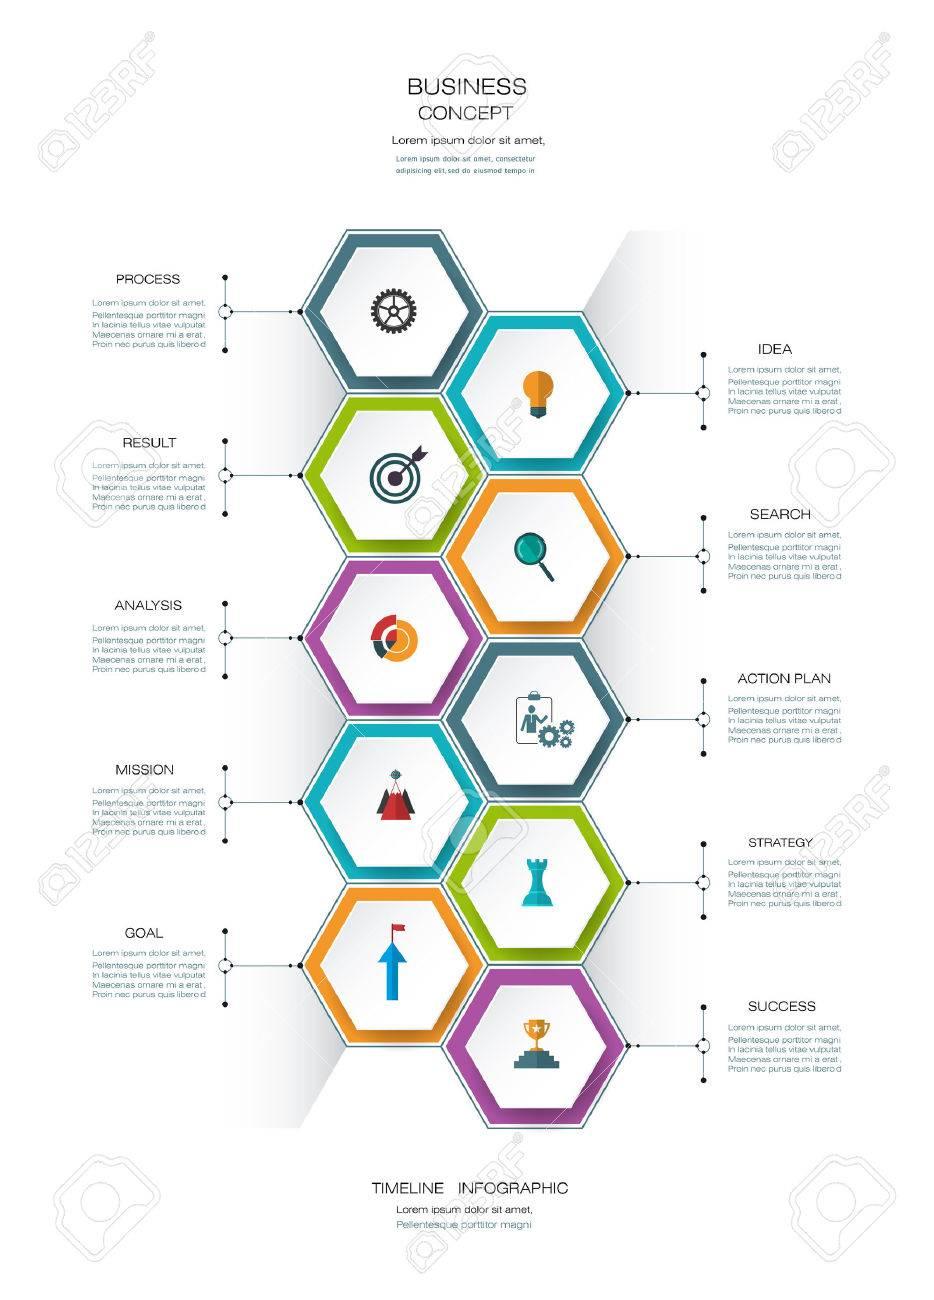 infographies vecteur Modèle de calendrier de conception avec lable papier 3D, hexagone intégré pour 10 étapes et l'icône. espace pour le contenu, les affaires, infographique, infograph, organigramme, diagramme de processus, ligne de temps, flux de travail Banque d'images - 71758617